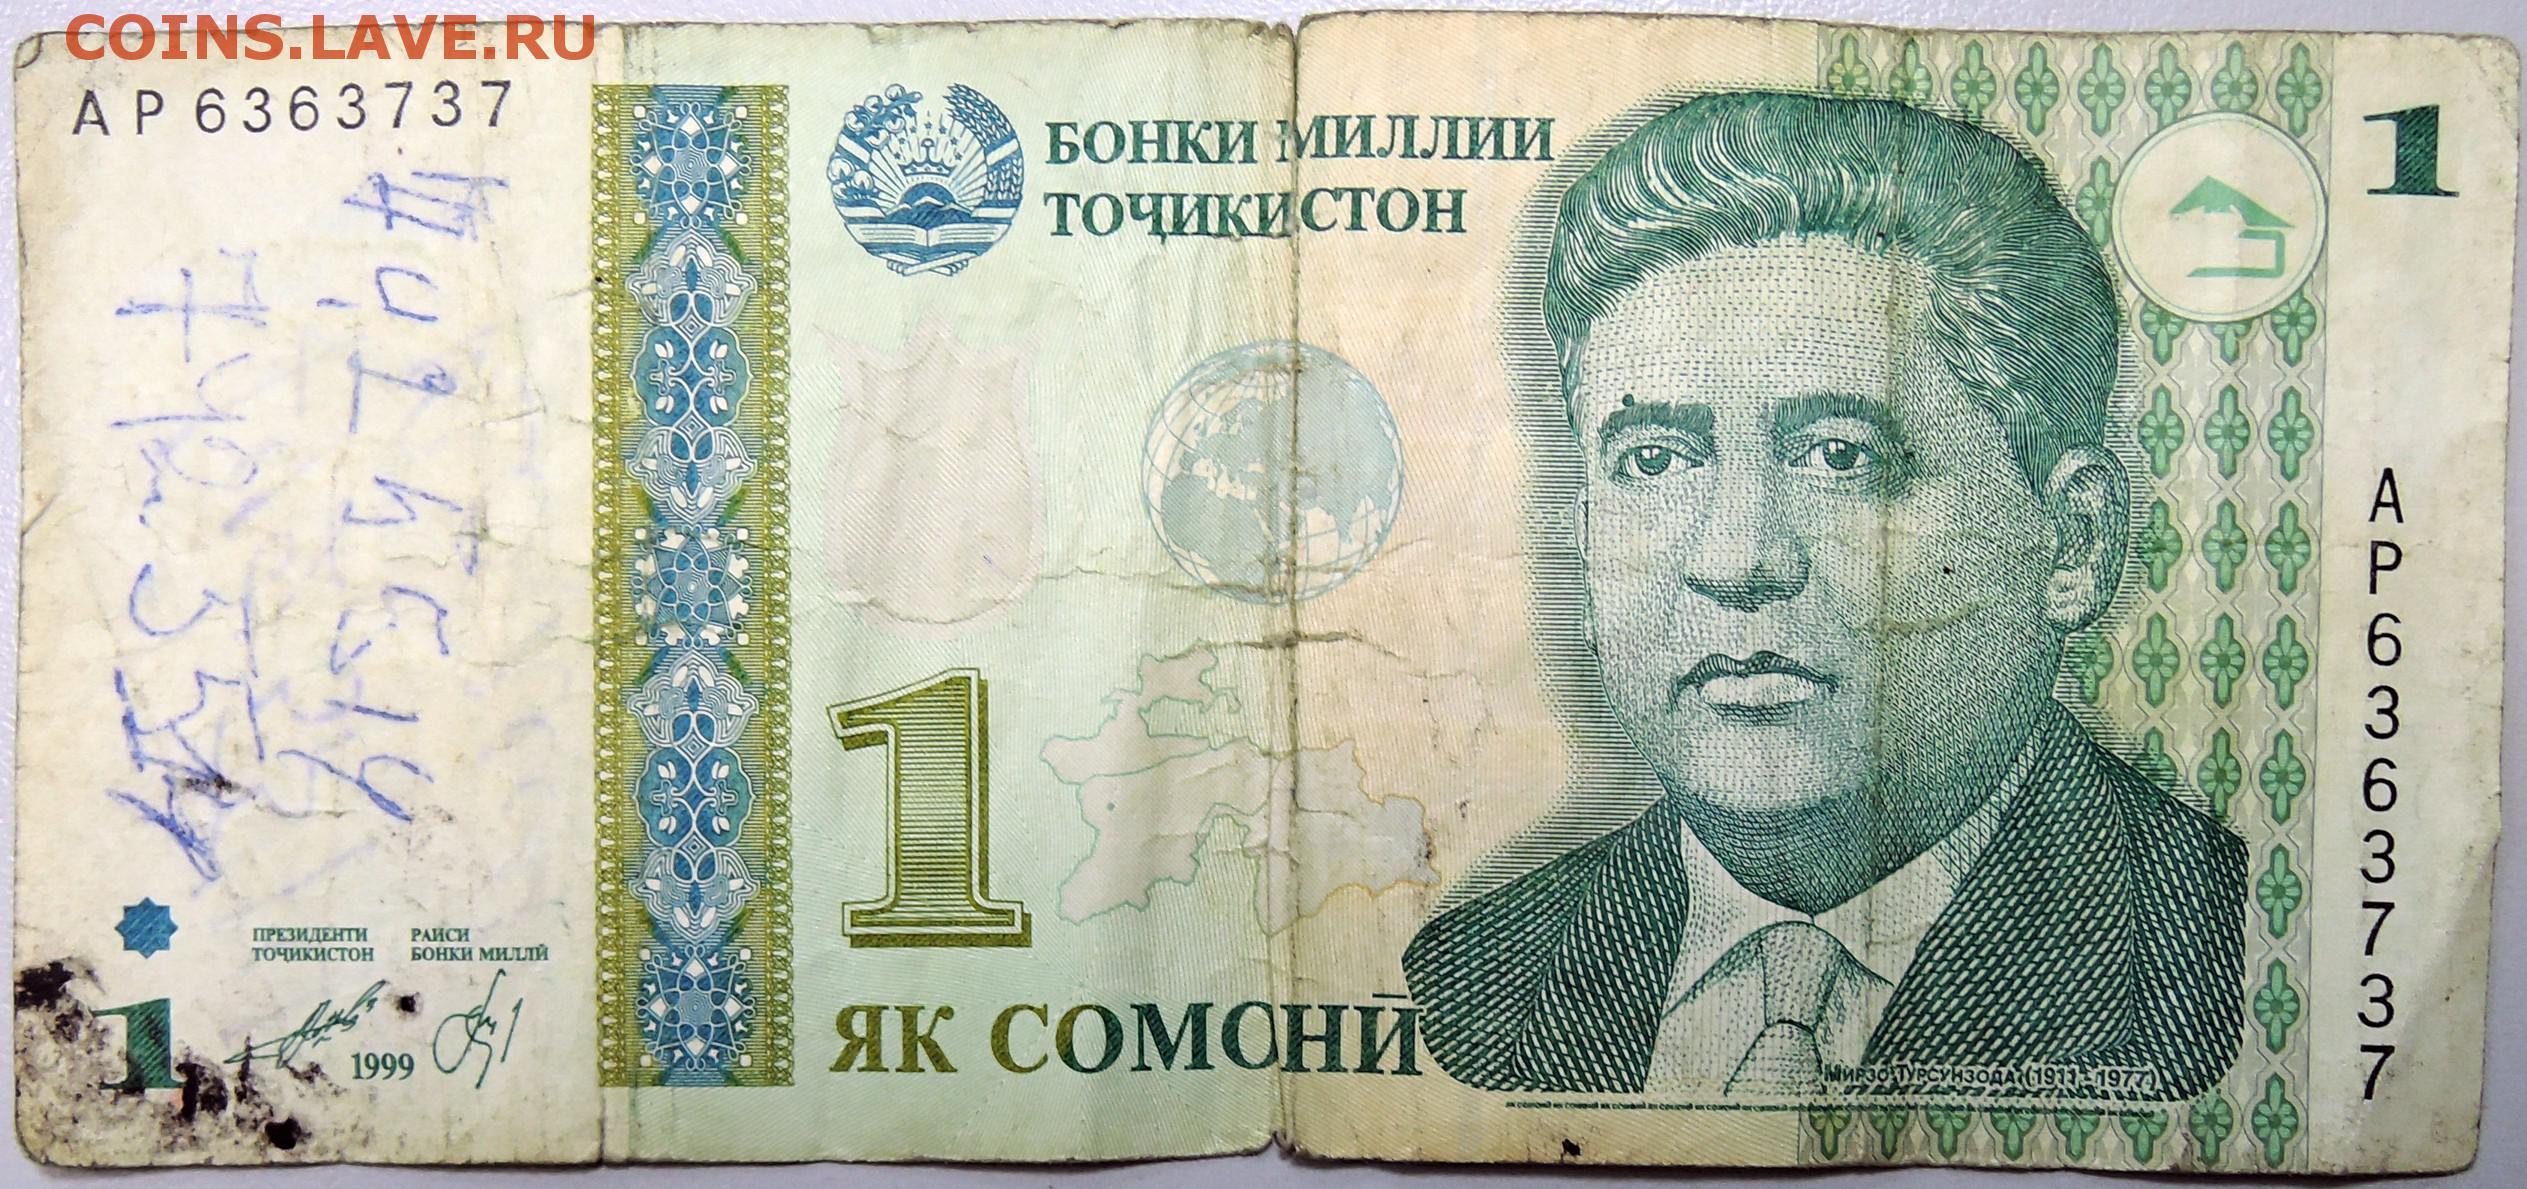 курс российский в таджикистане выходных Подробное расписание